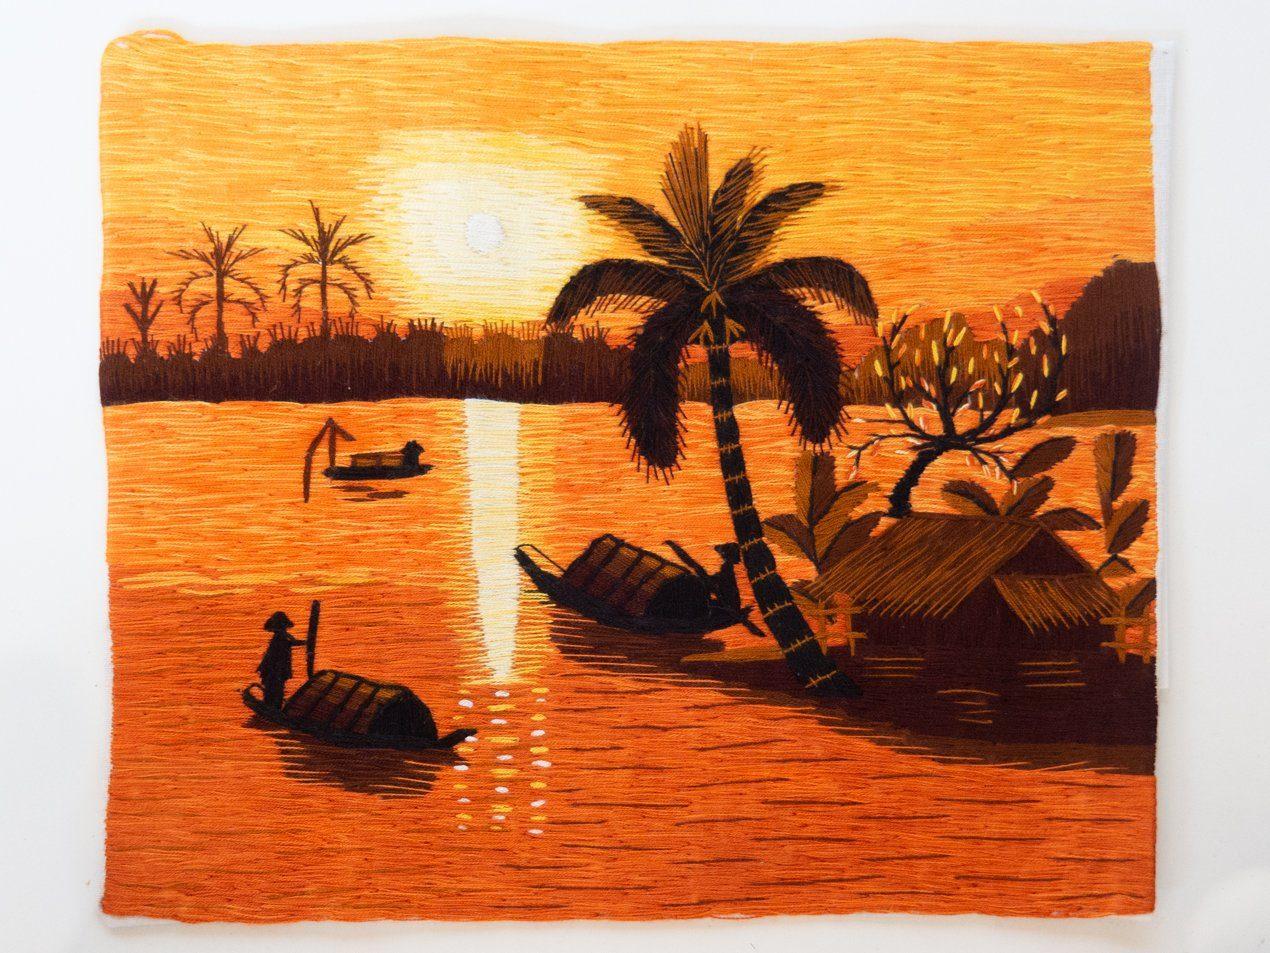 Bordado de hilo con imagen de casa flotante vietnamita